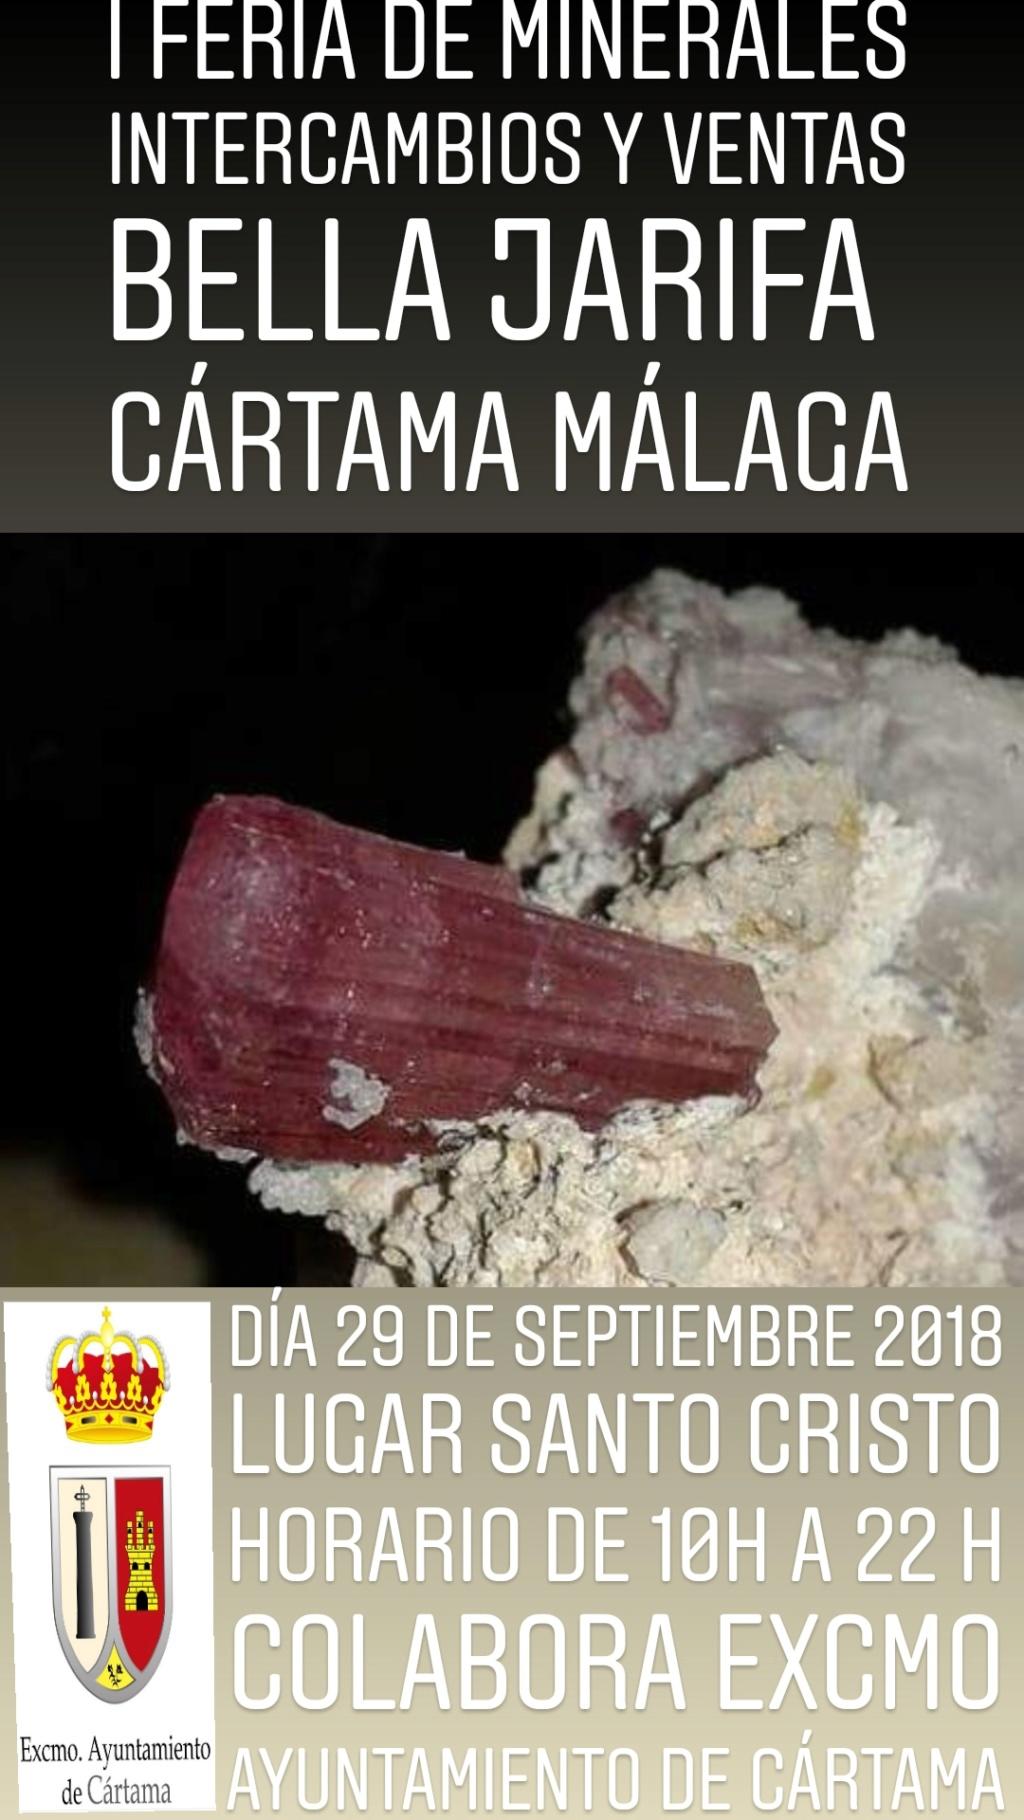 Ferias mes de Septiembre 20180512